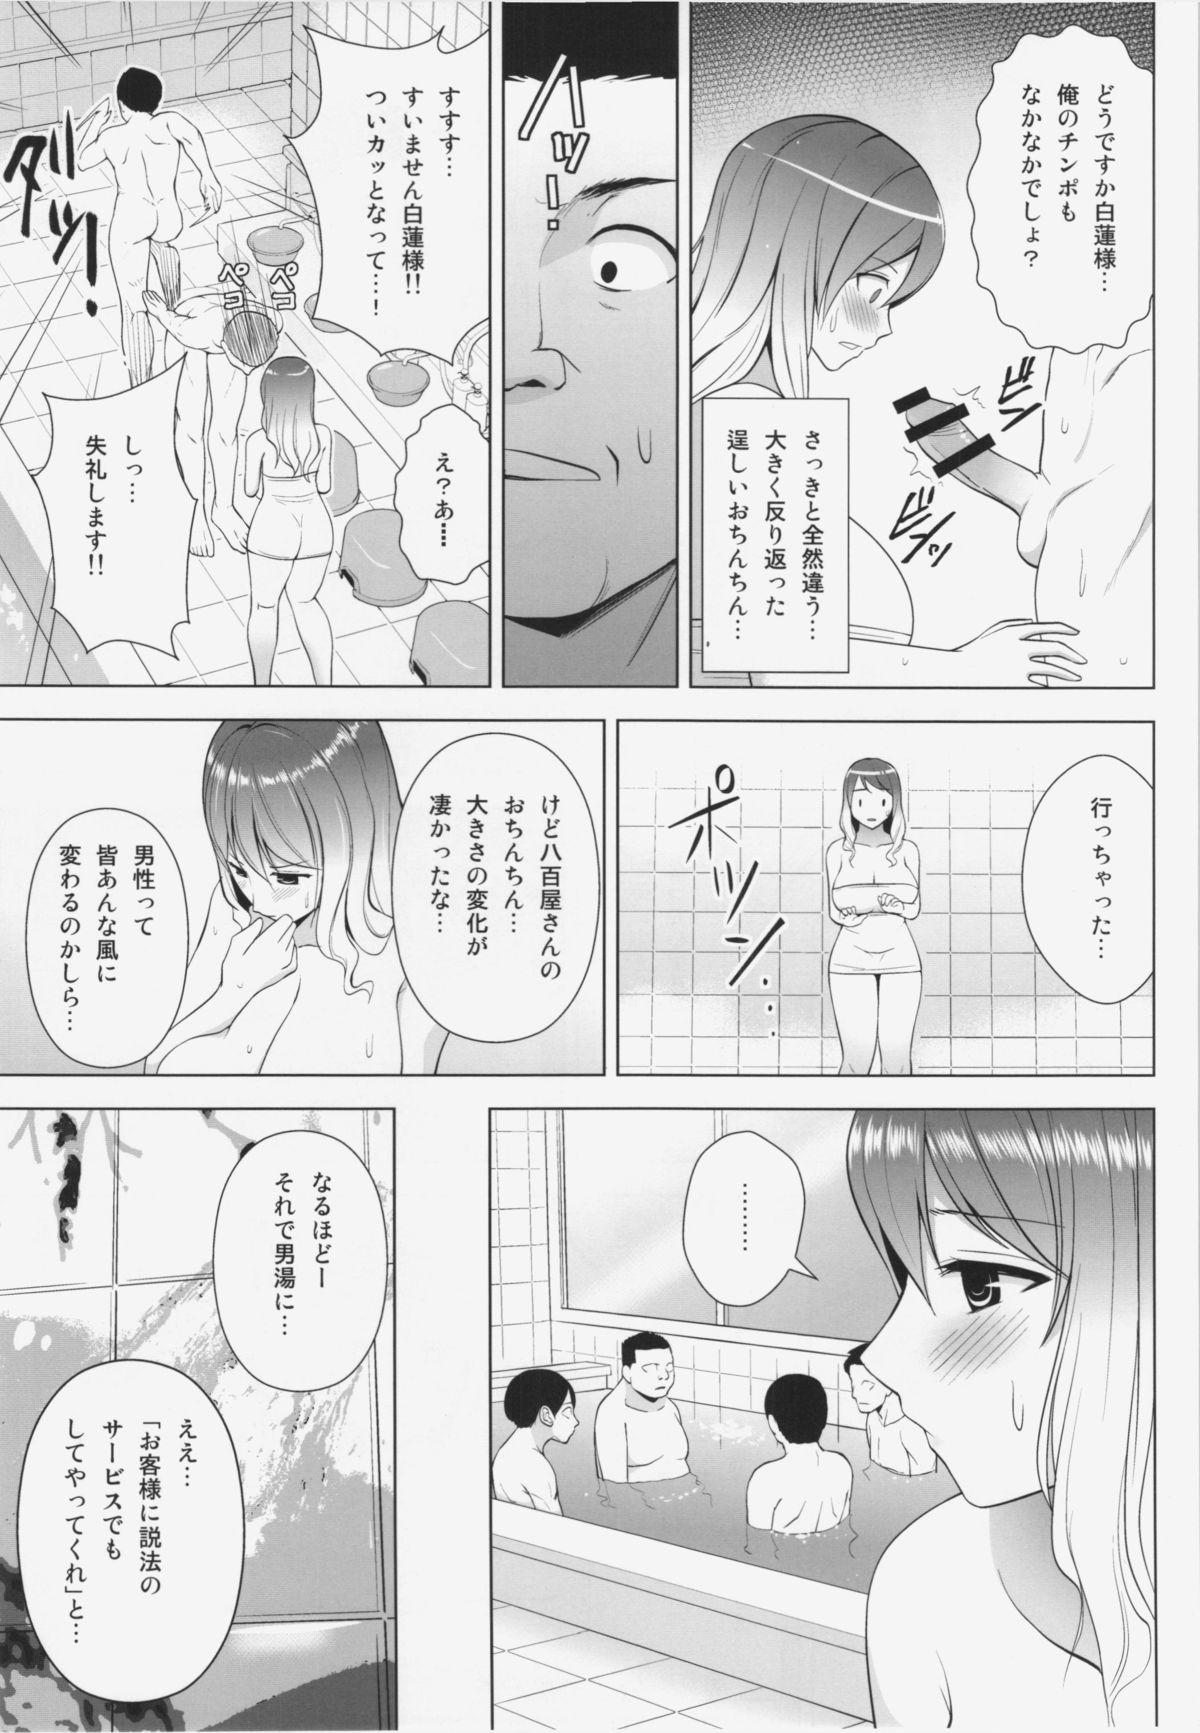 Hijirin ga Otokoyu de Hidoi Me ni Au Hon 6